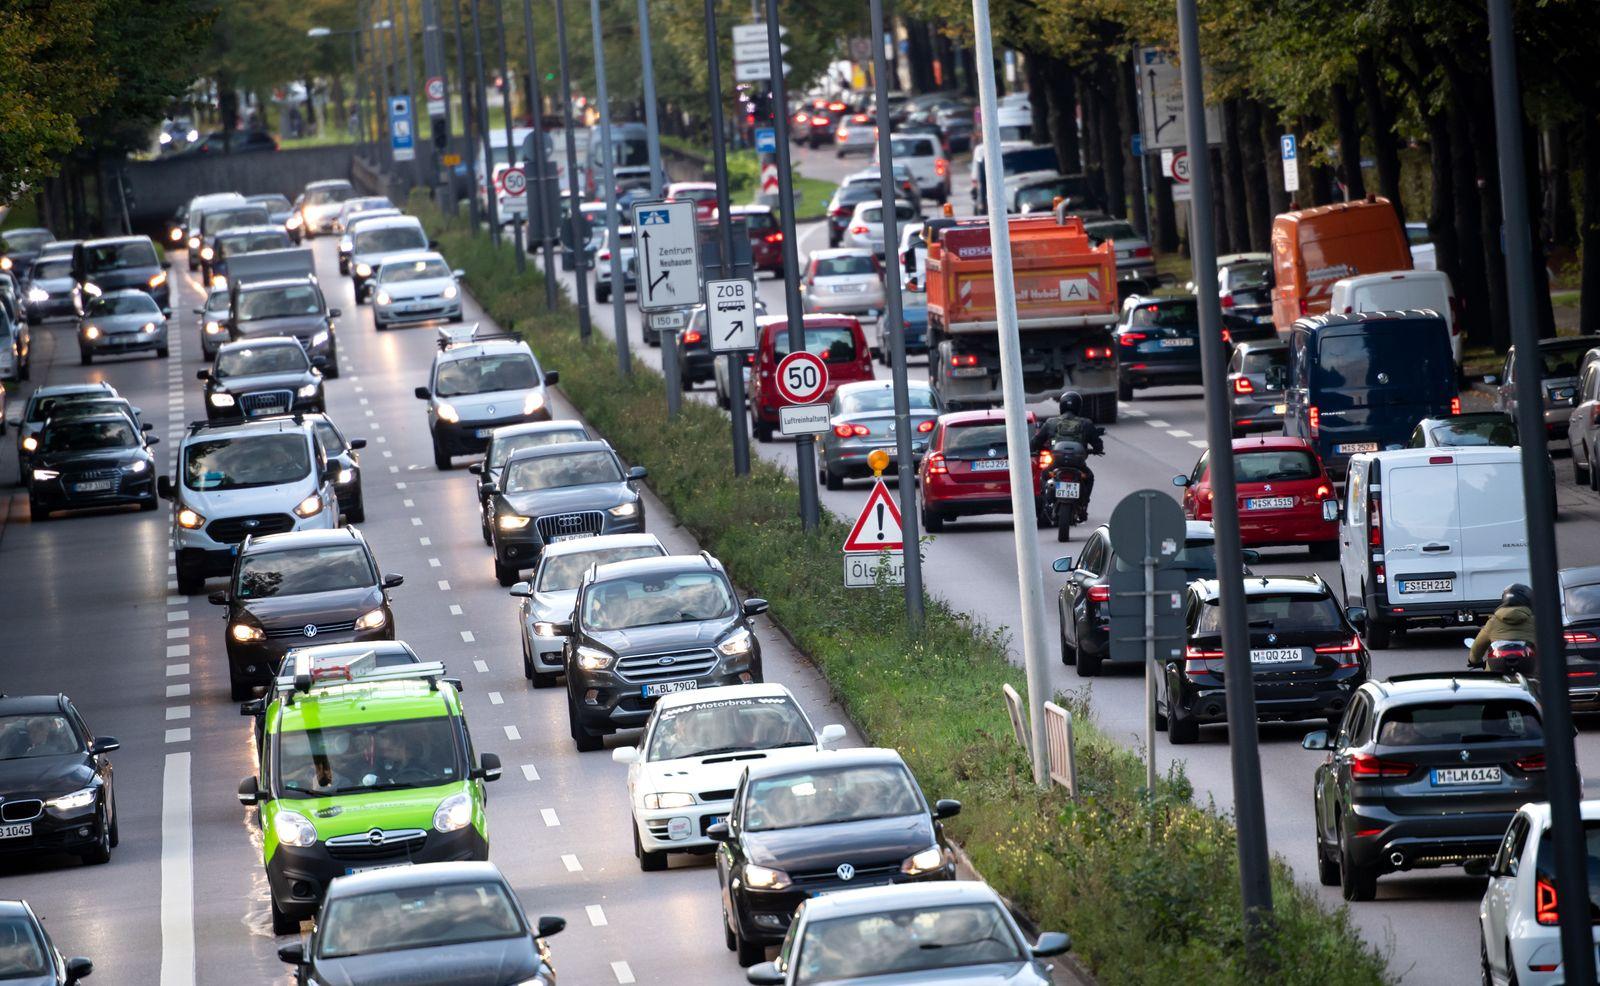 Warnstreik im öffentlichen Nahverkehr - München